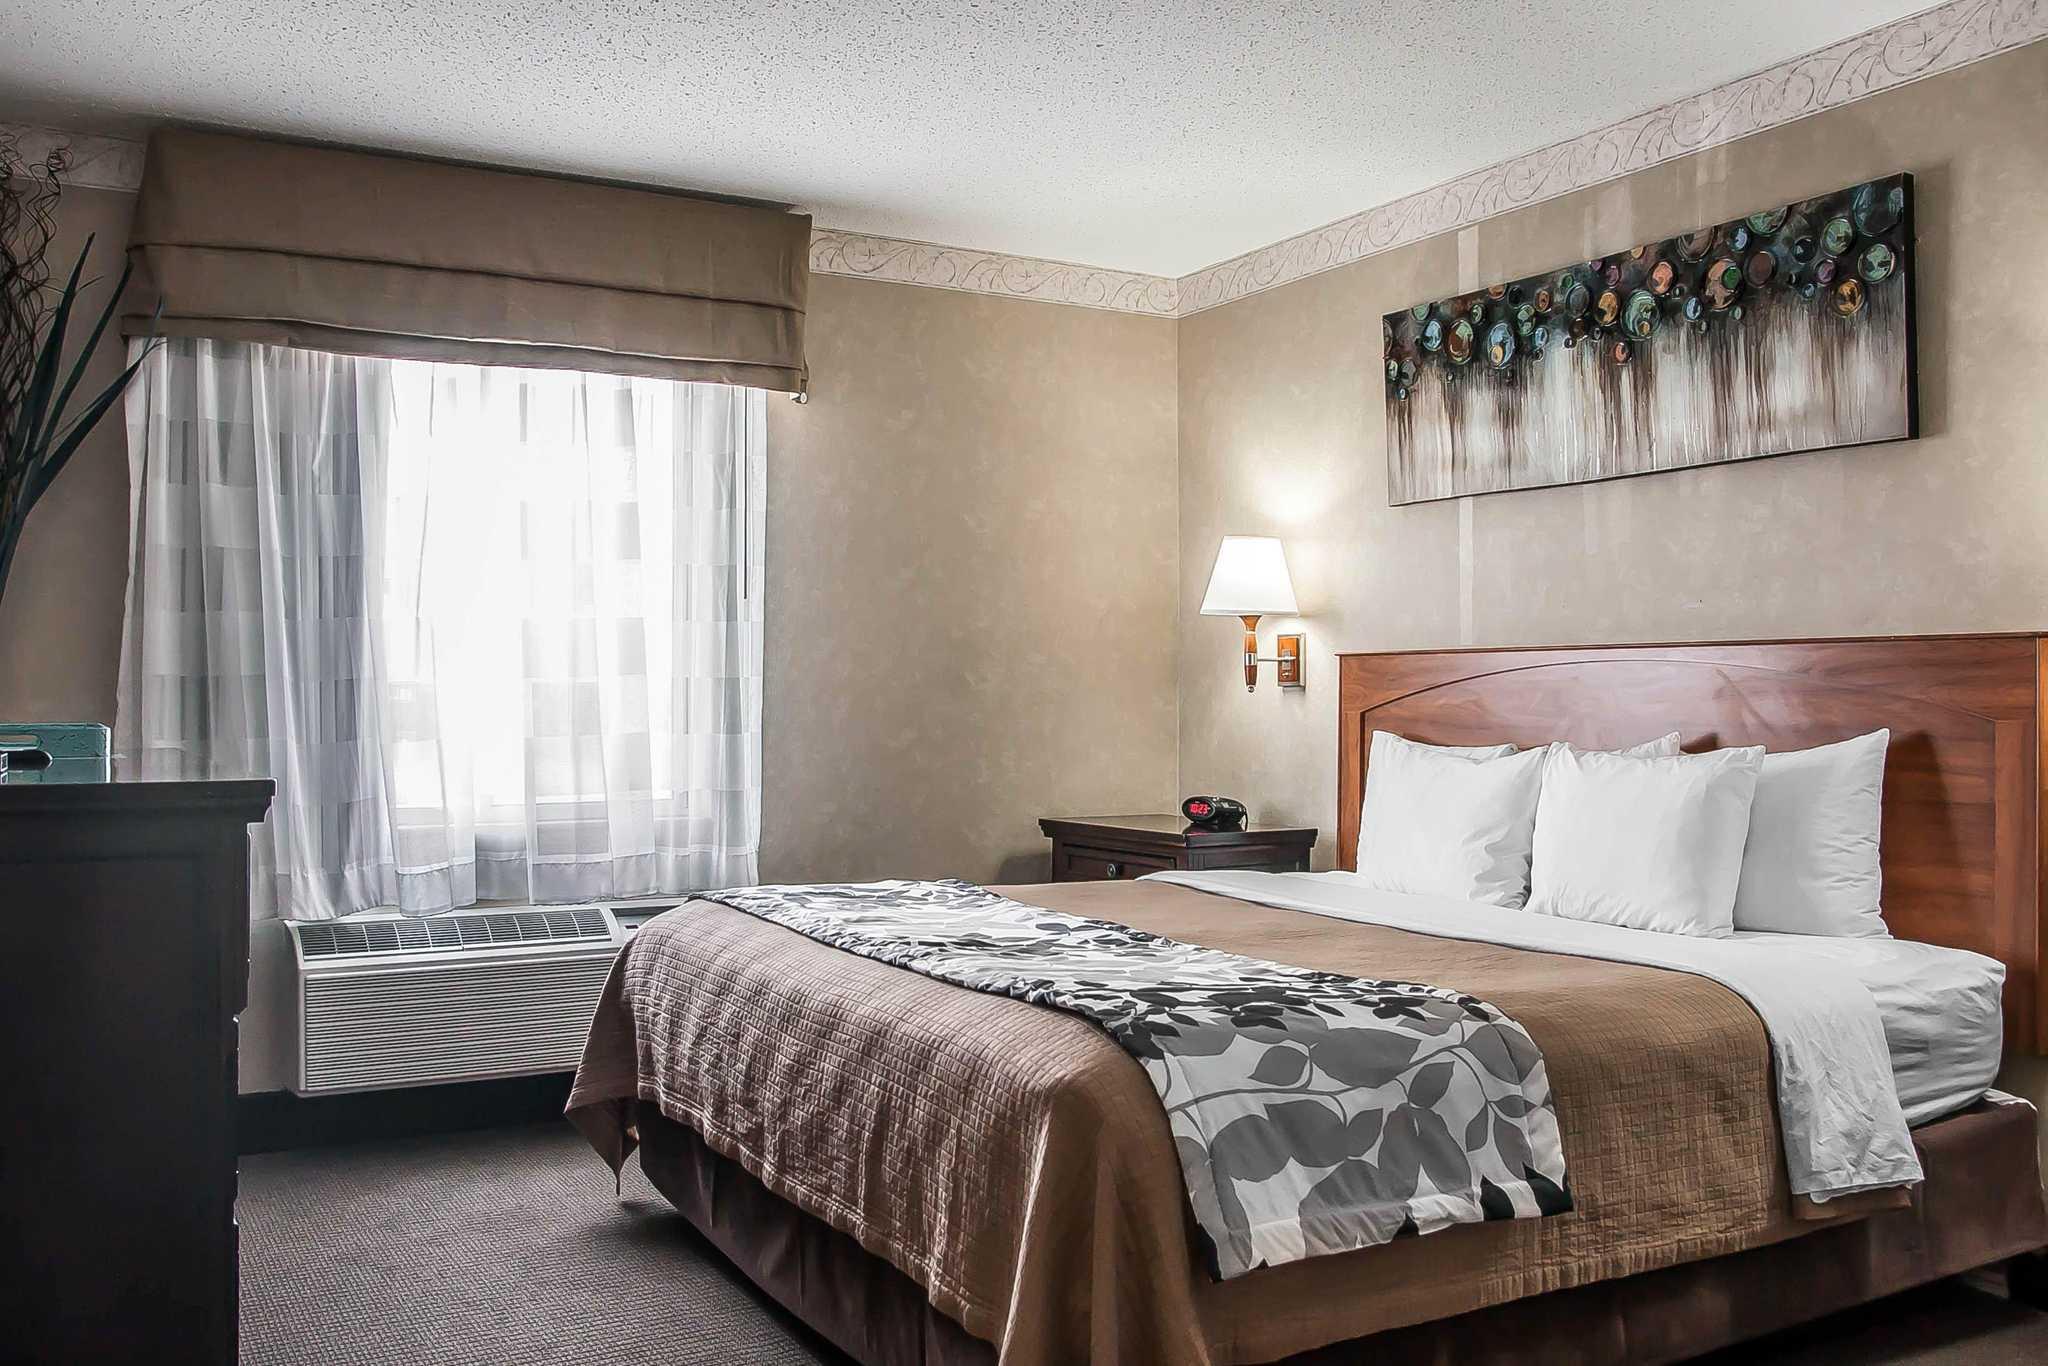 Sleep Inn & Suites image 13